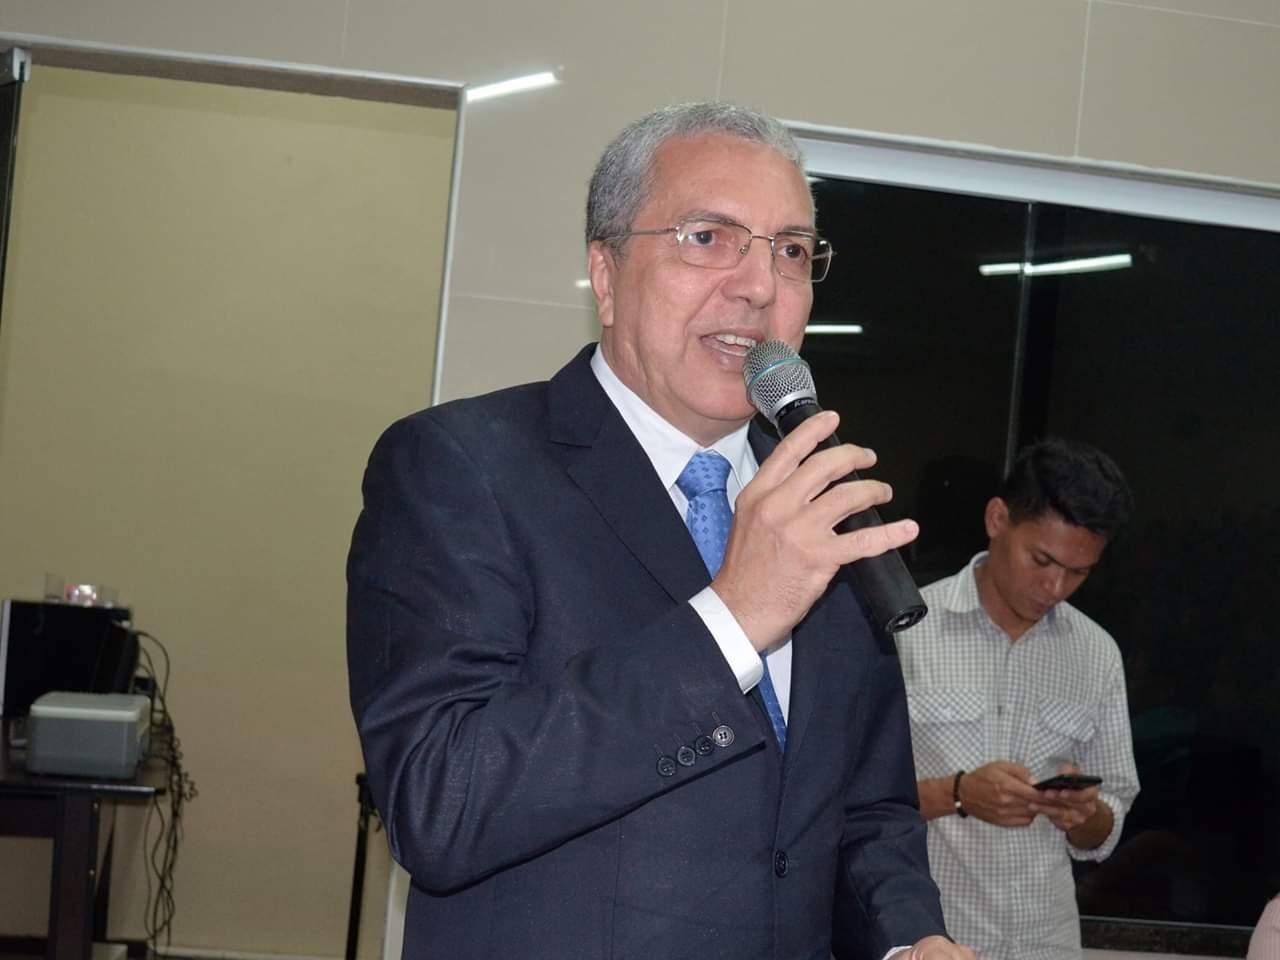 Vereador Dr. Hermano Gurgel realiza discurso de posse como novo Presidente da Câmara de Maranguape. Divulgação